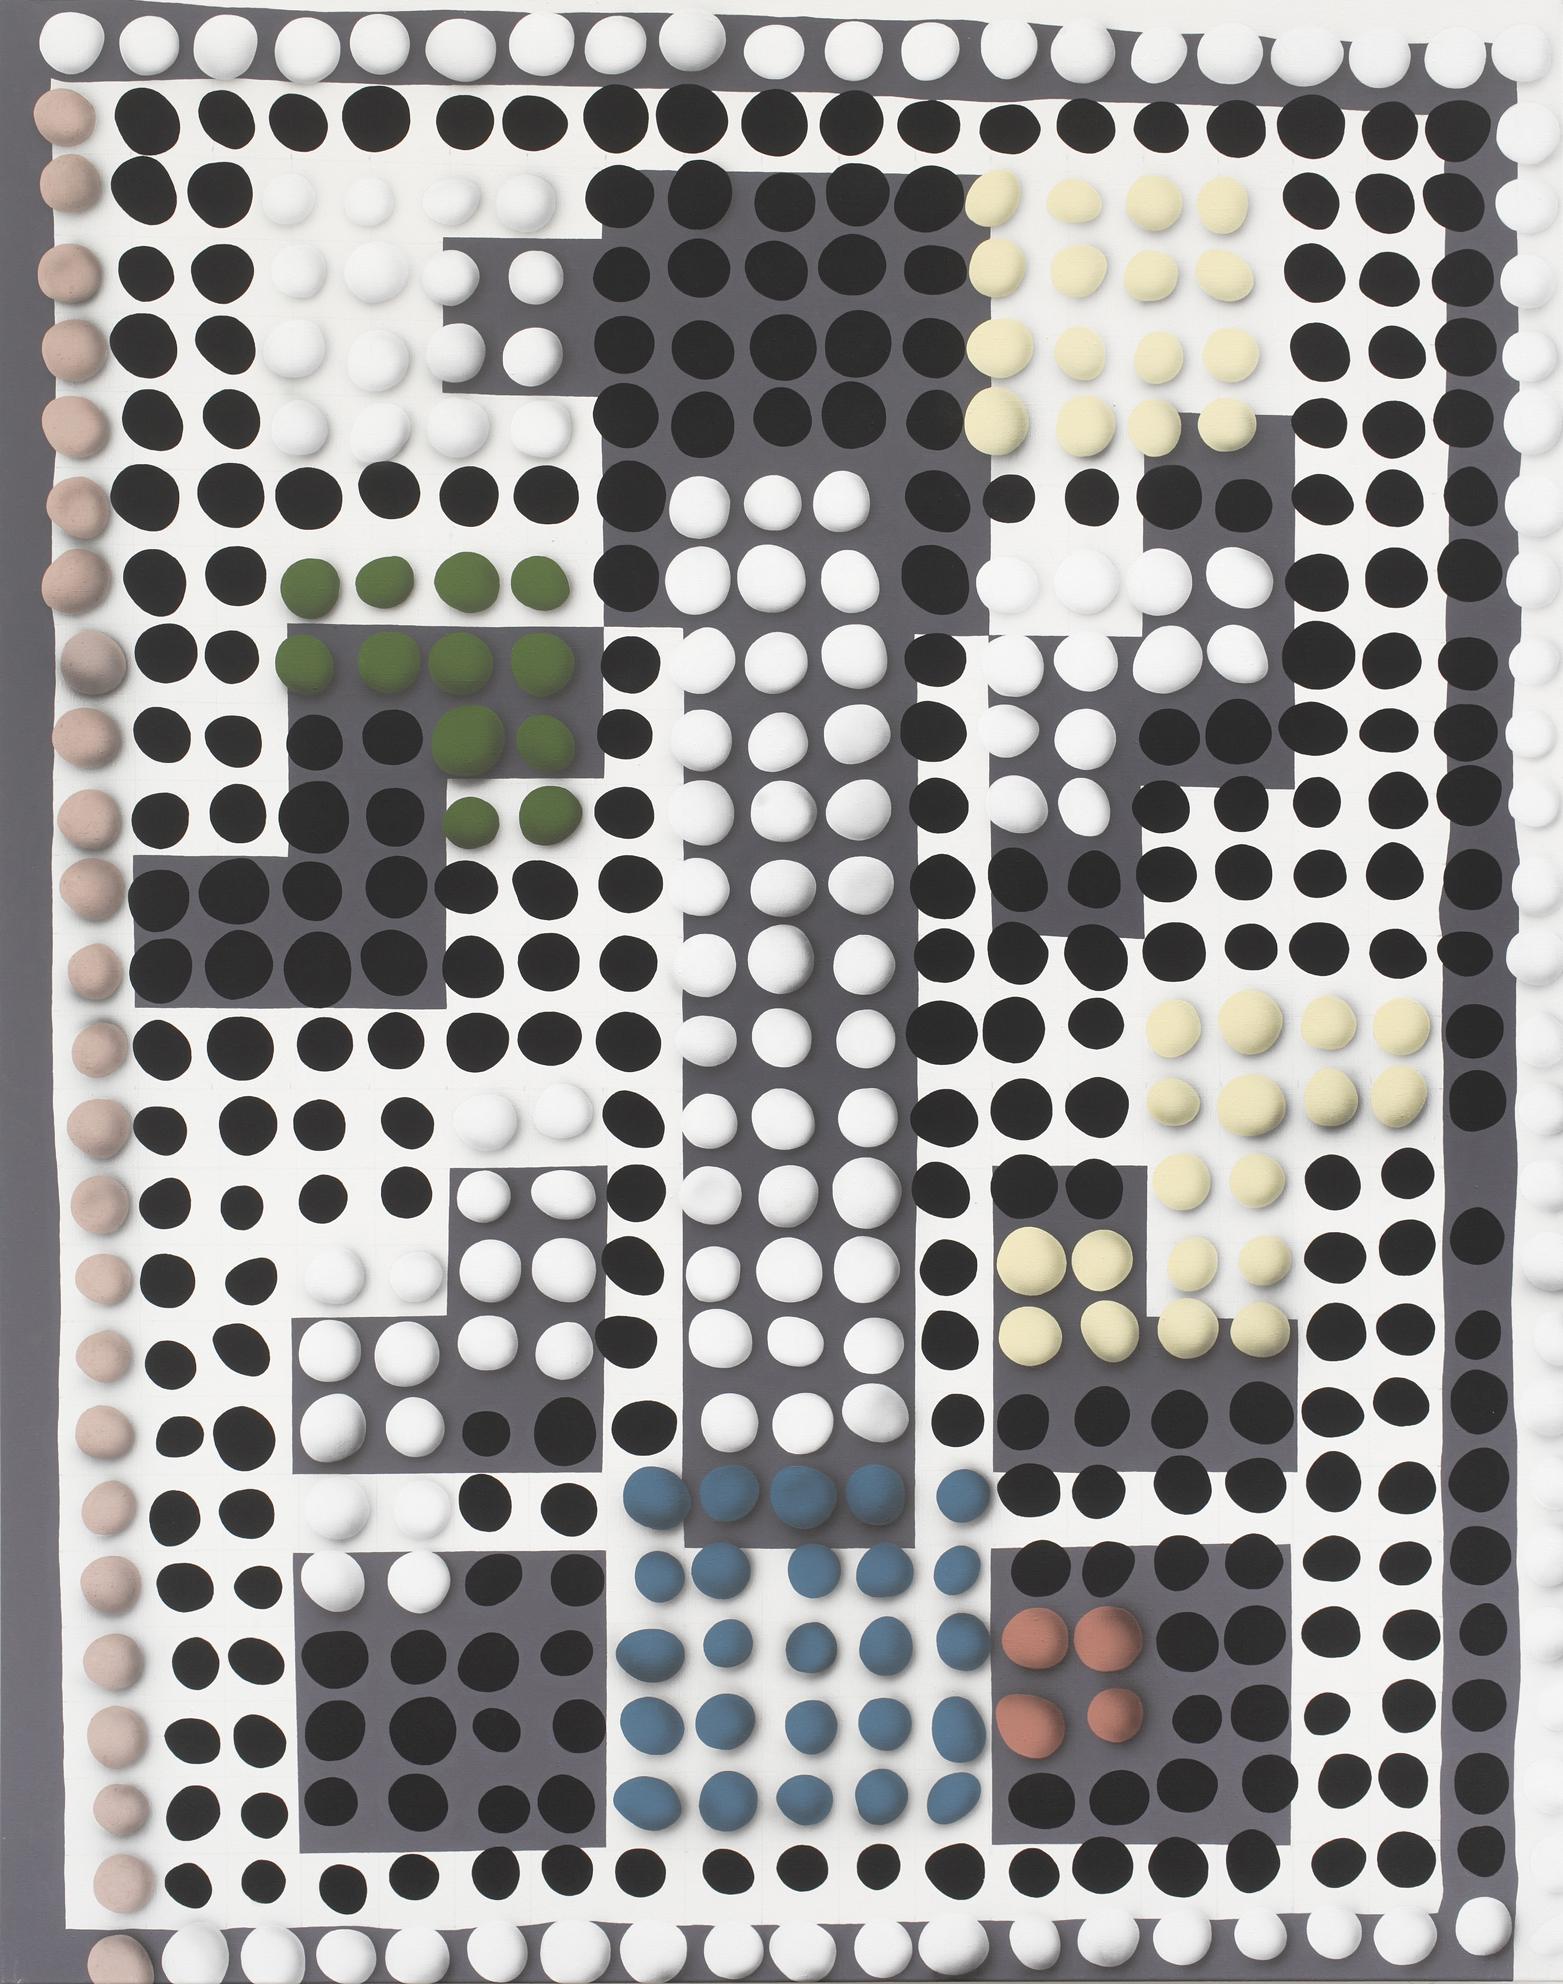 Vasarely, 2010, acrylic on canvas, 240 x 190 cm